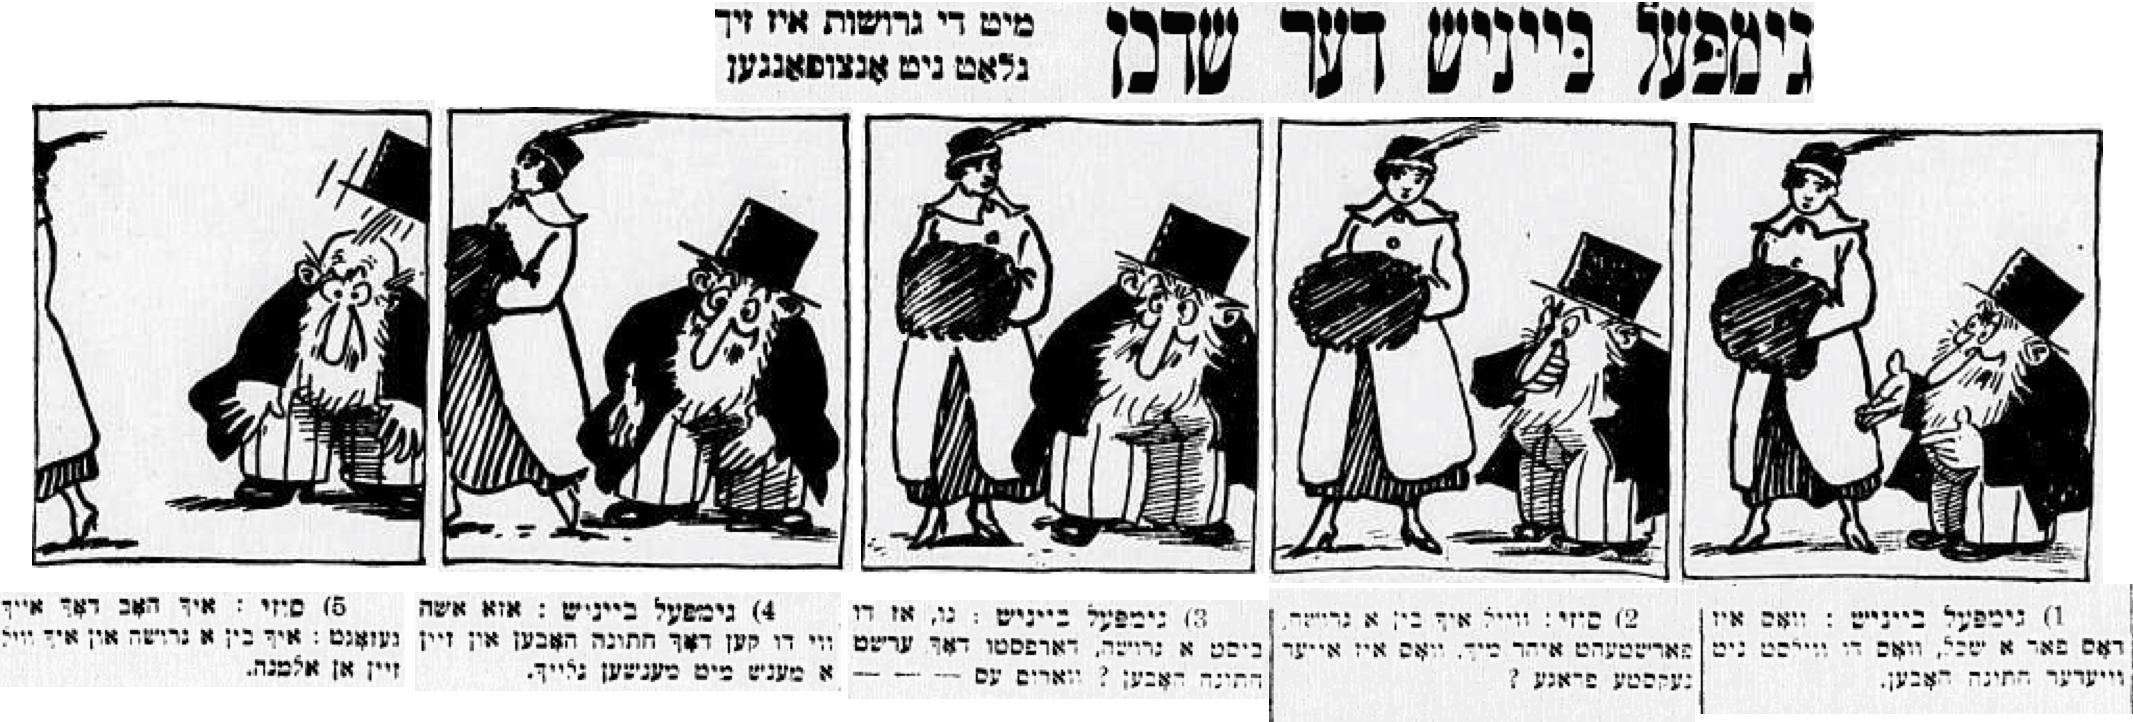 <p><em>Gimpl beynish der shadkhn</em> (Gimpl Beynish the Matchmaker), published in the <em>Varhayt</em> on the same page as Karpilove&#8217;s&nbsp;installment. </p>